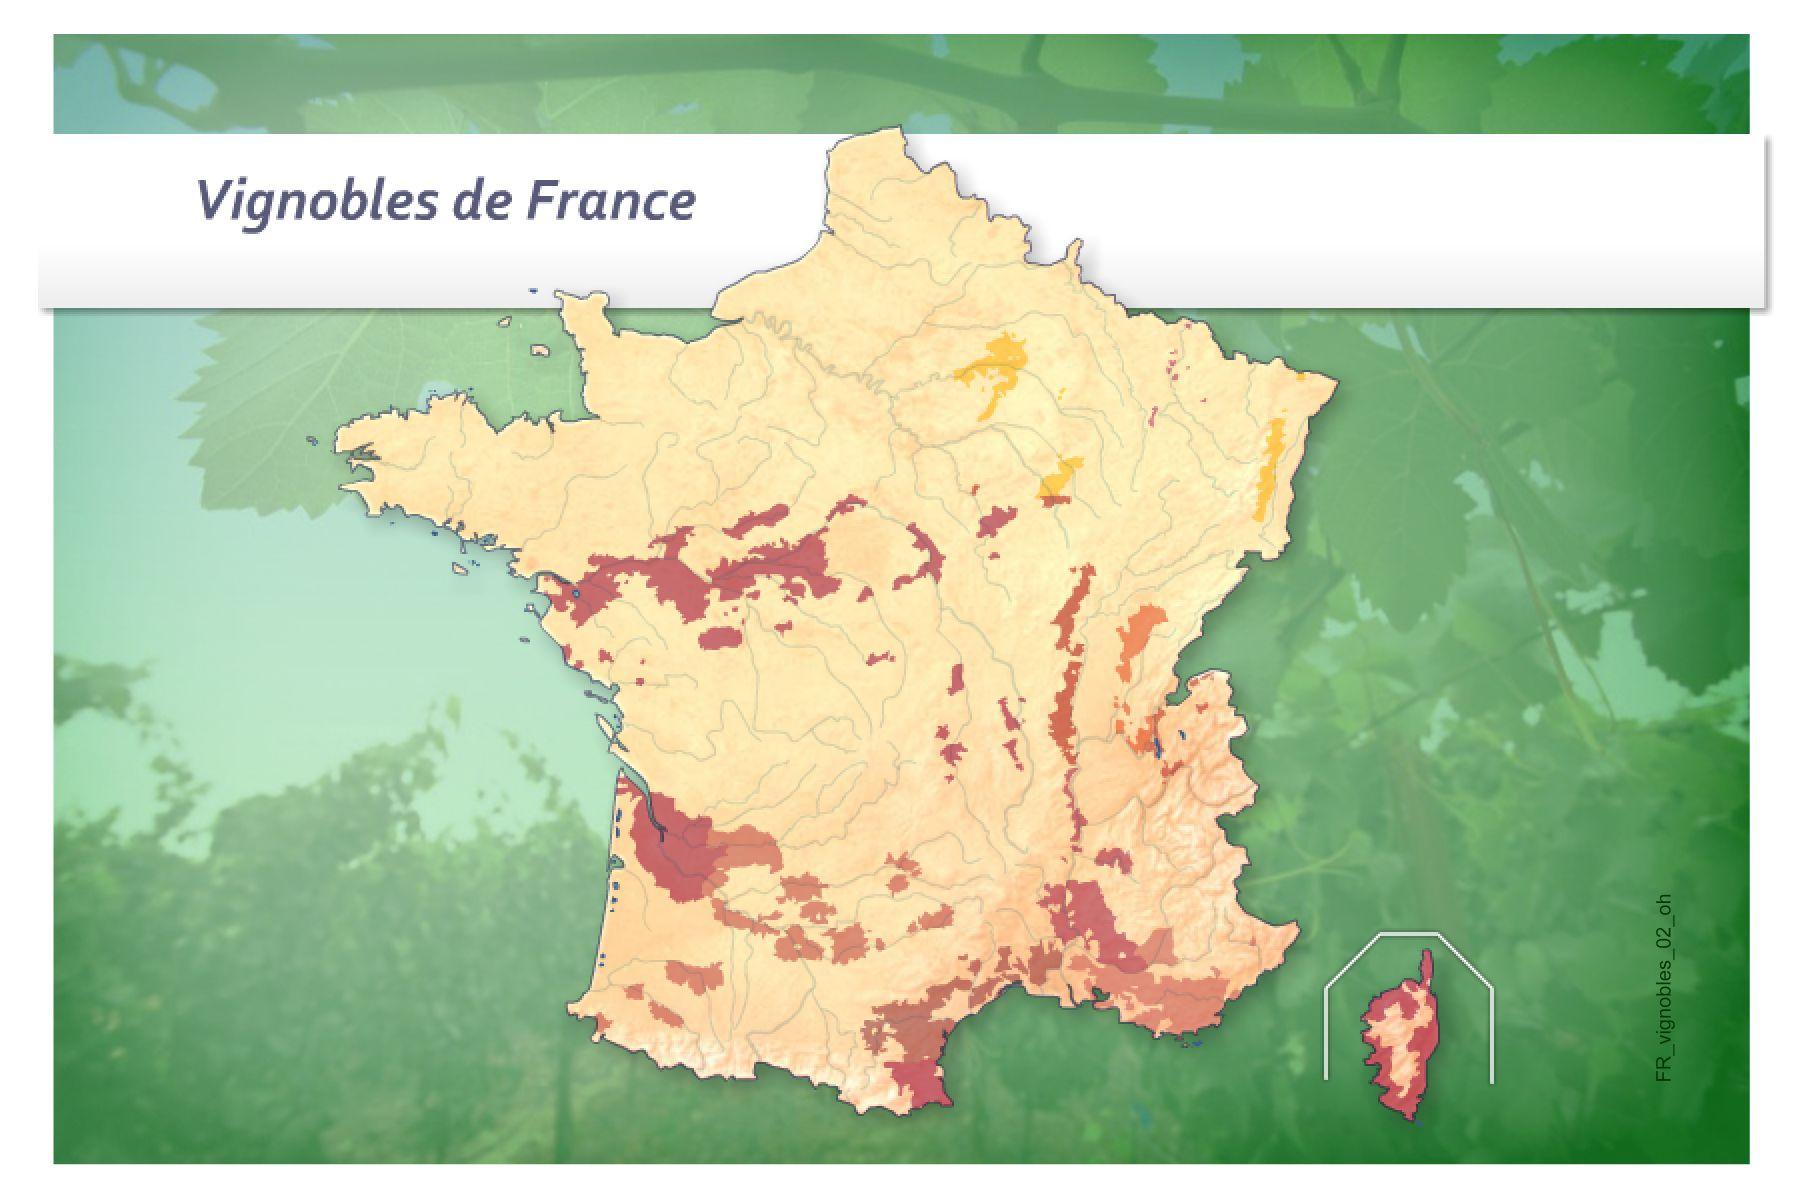 Jeux-Geographiques Jeux Gratuits Jeu Vignobles De France dedans Quiz Régions De France